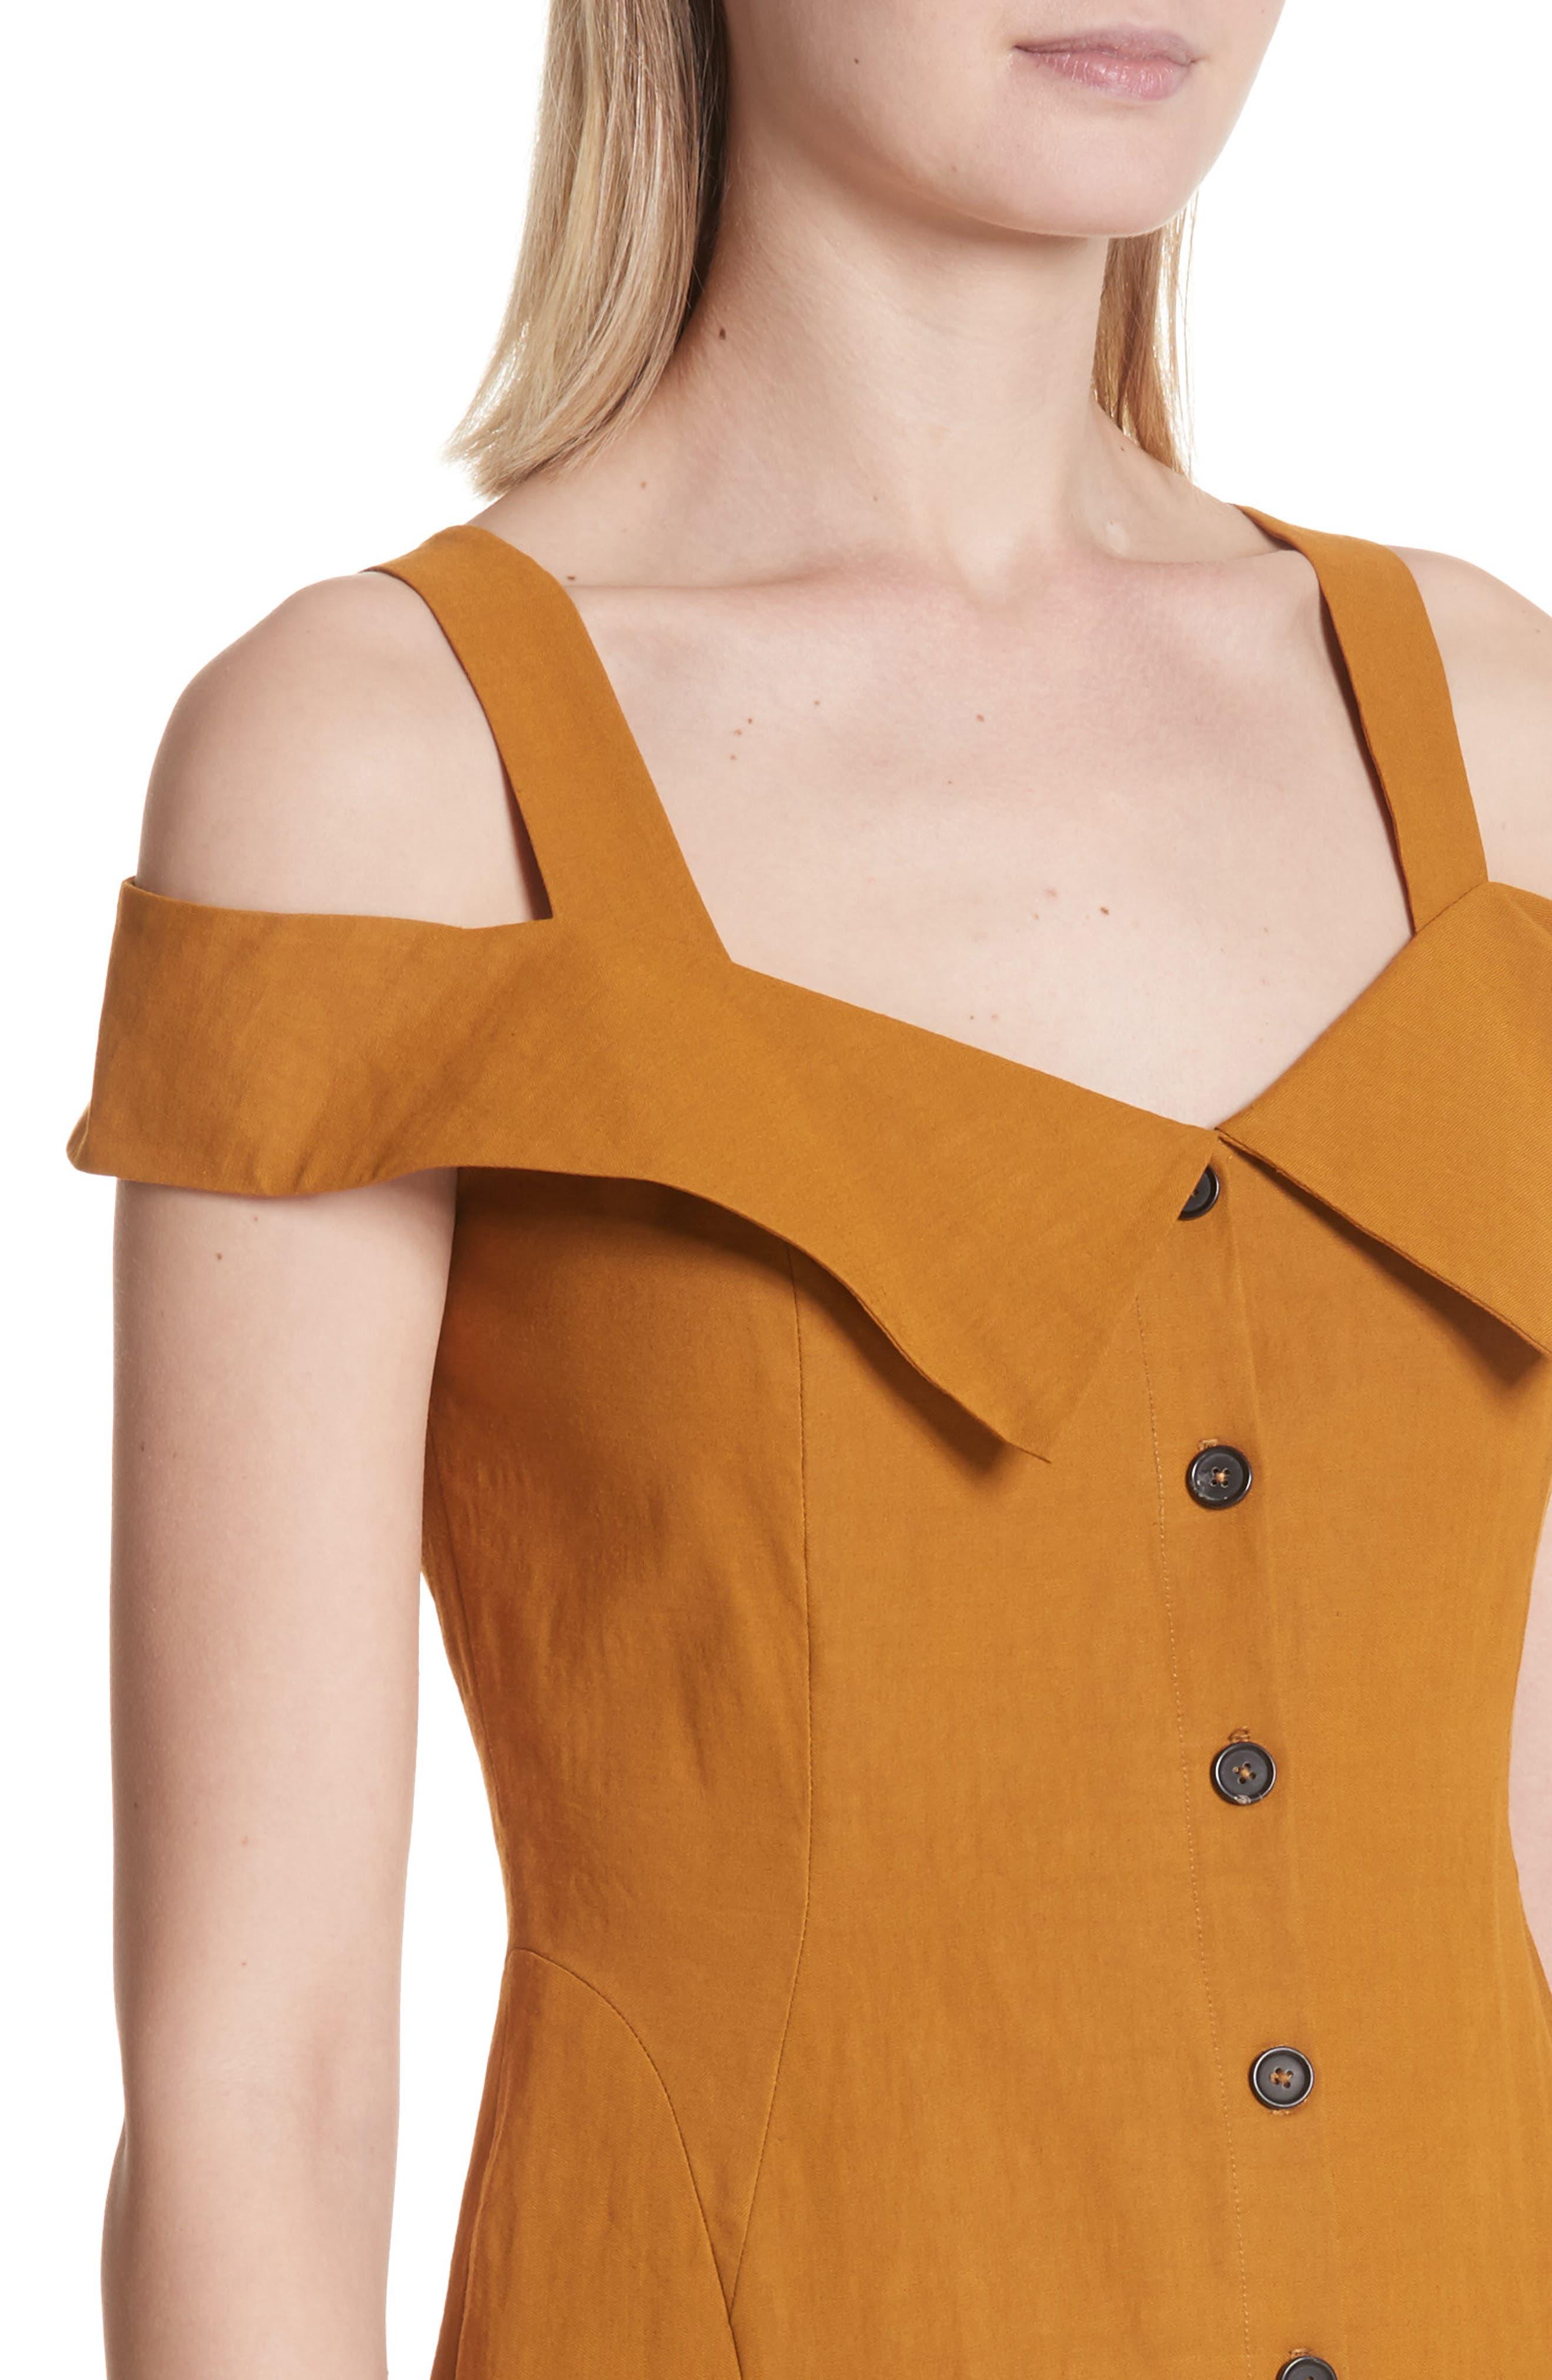 Hudson Cold Shoulder Dress,                             Alternate thumbnail 4, color,                             Gold